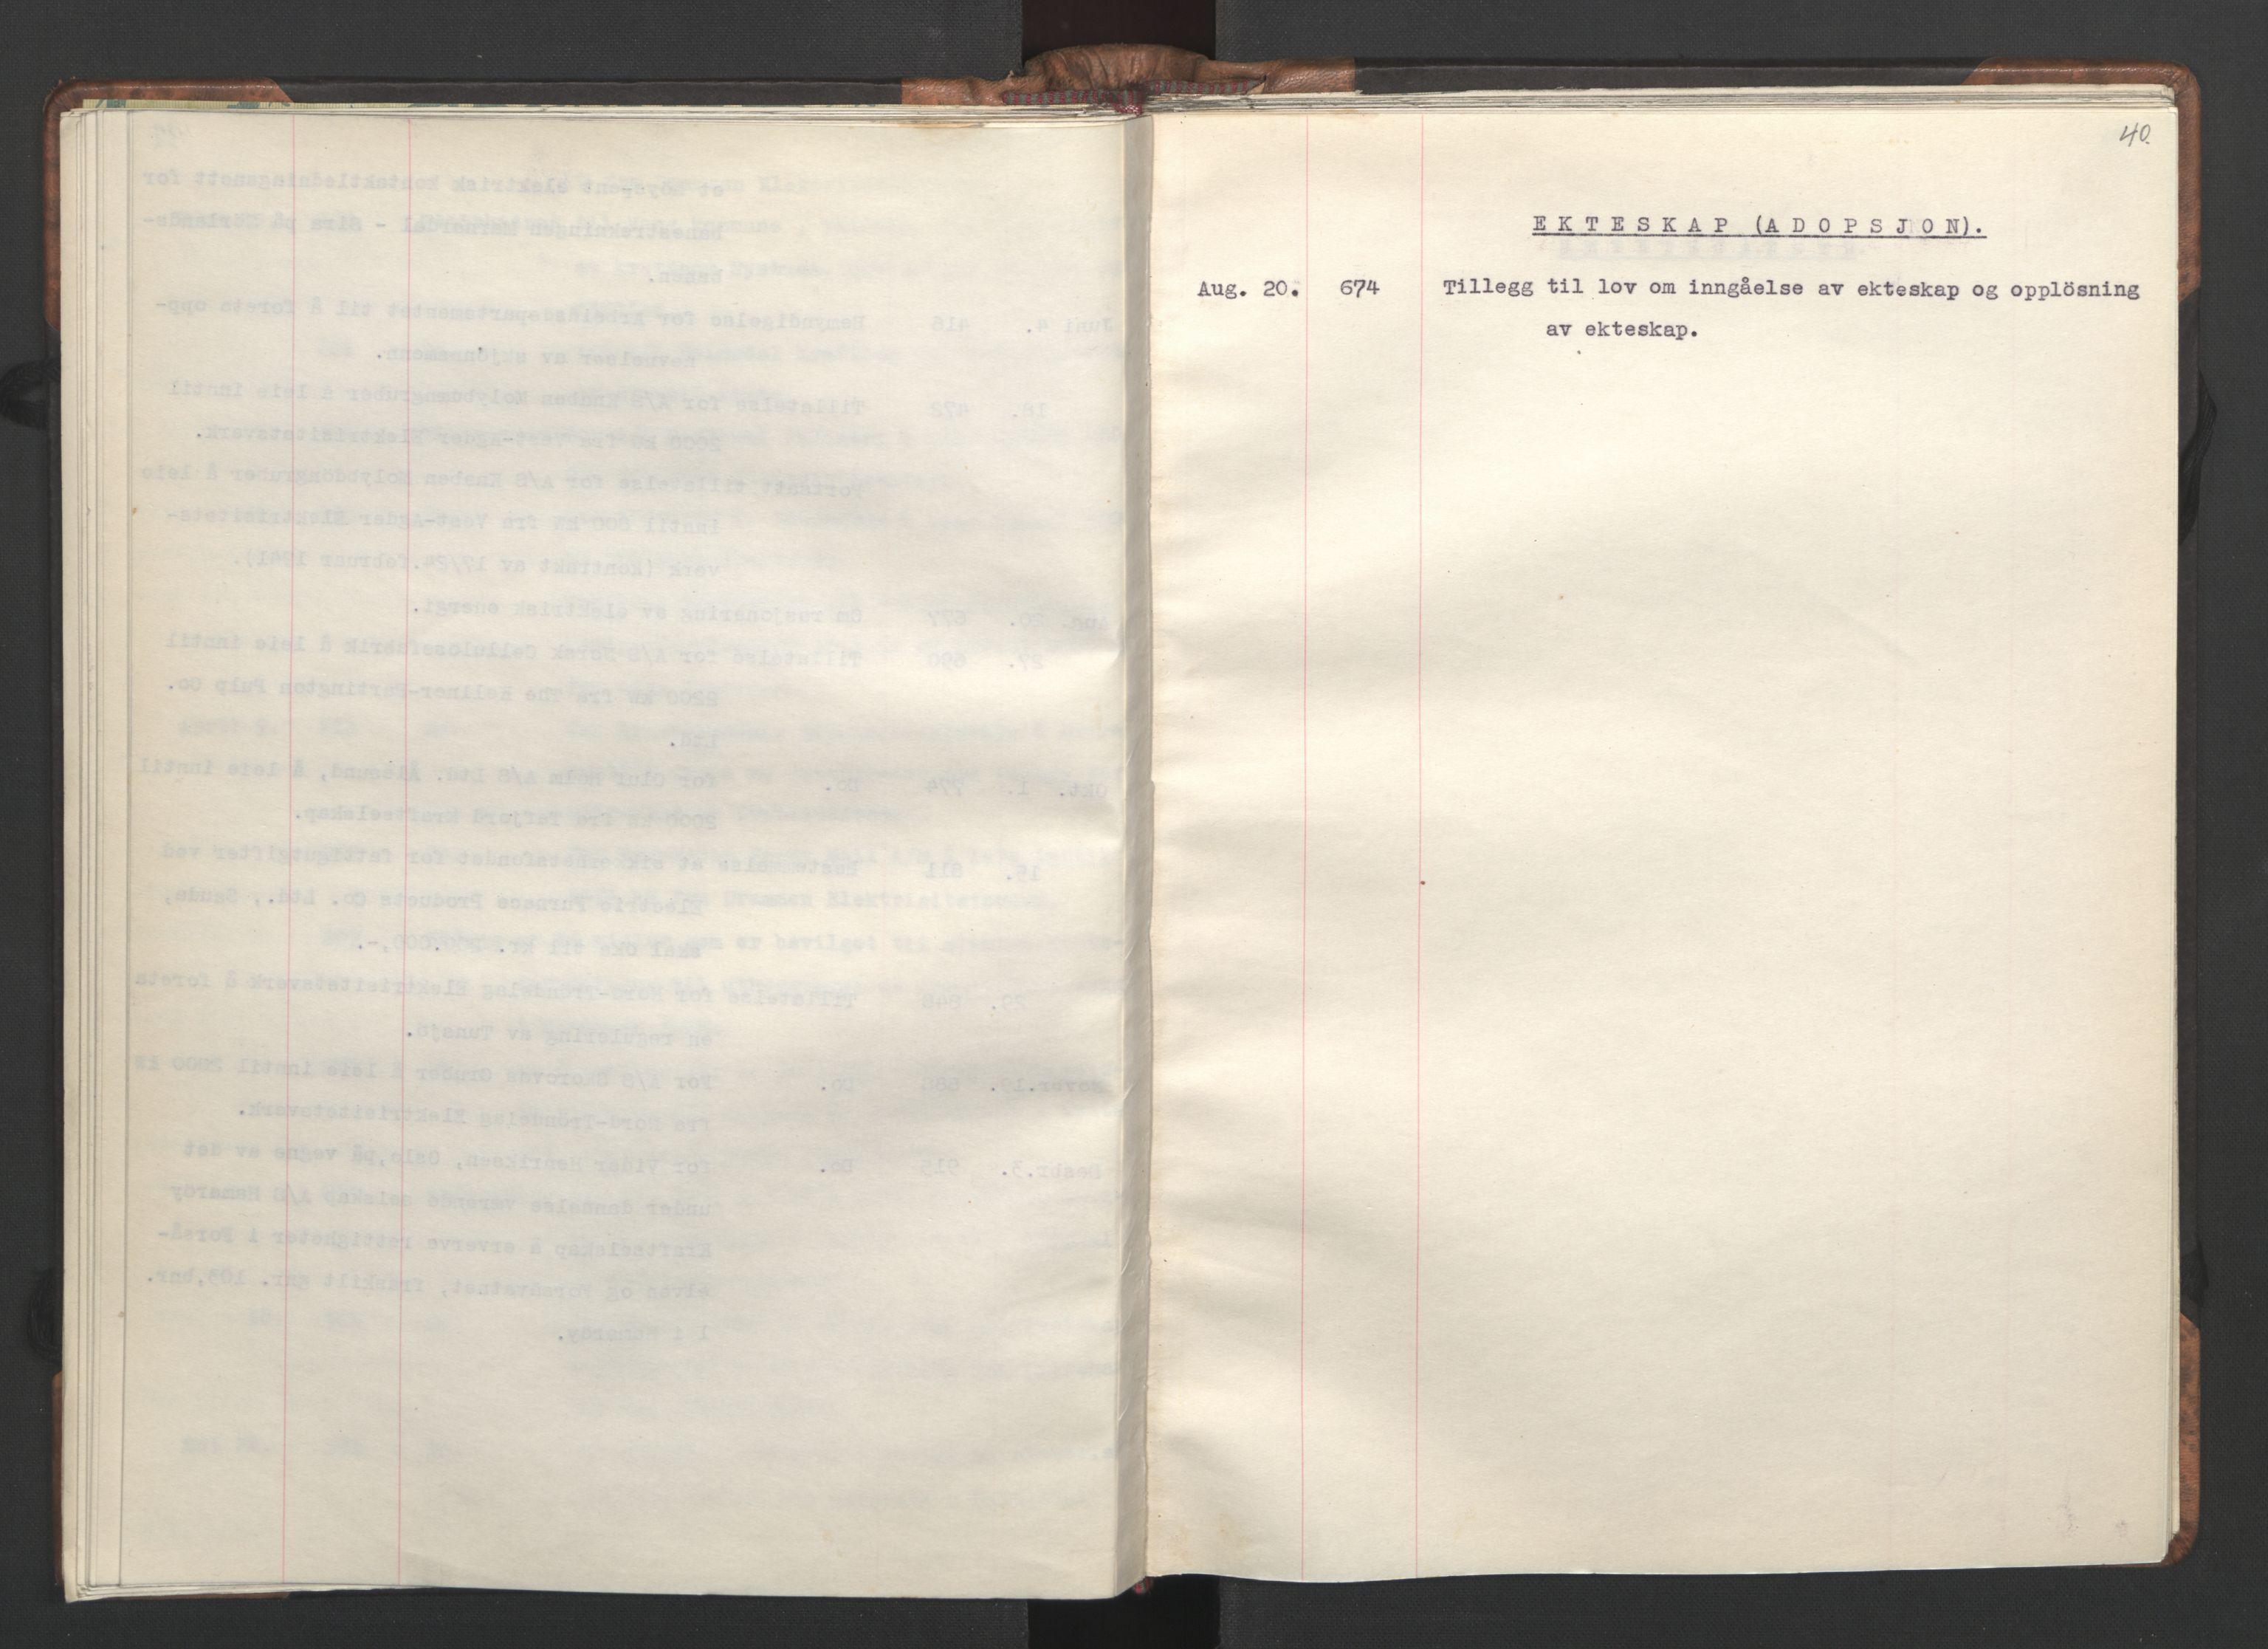 RA, NS-administrasjonen 1940-1945 (Statsrådsekretariatet, de kommisariske statsråder mm), D/Da/L0002: Register (RA j.nr. 985/1943, tilgangsnr. 17/1943), 1942, s. 39b-40a